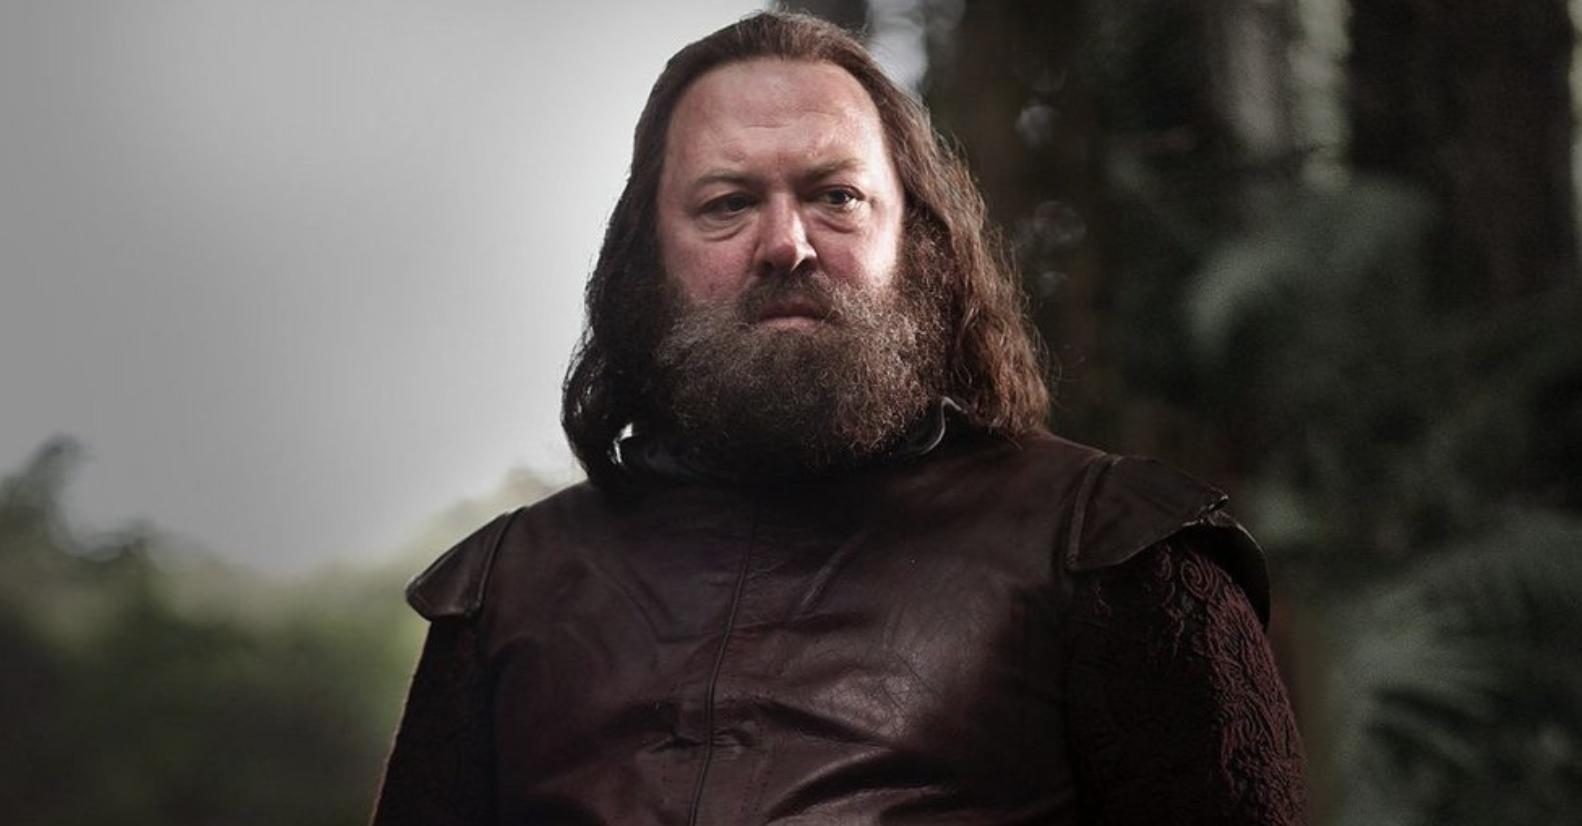 Game of Thrones : George R R Martin révèle la scène qu'il n'aime pas dans la série